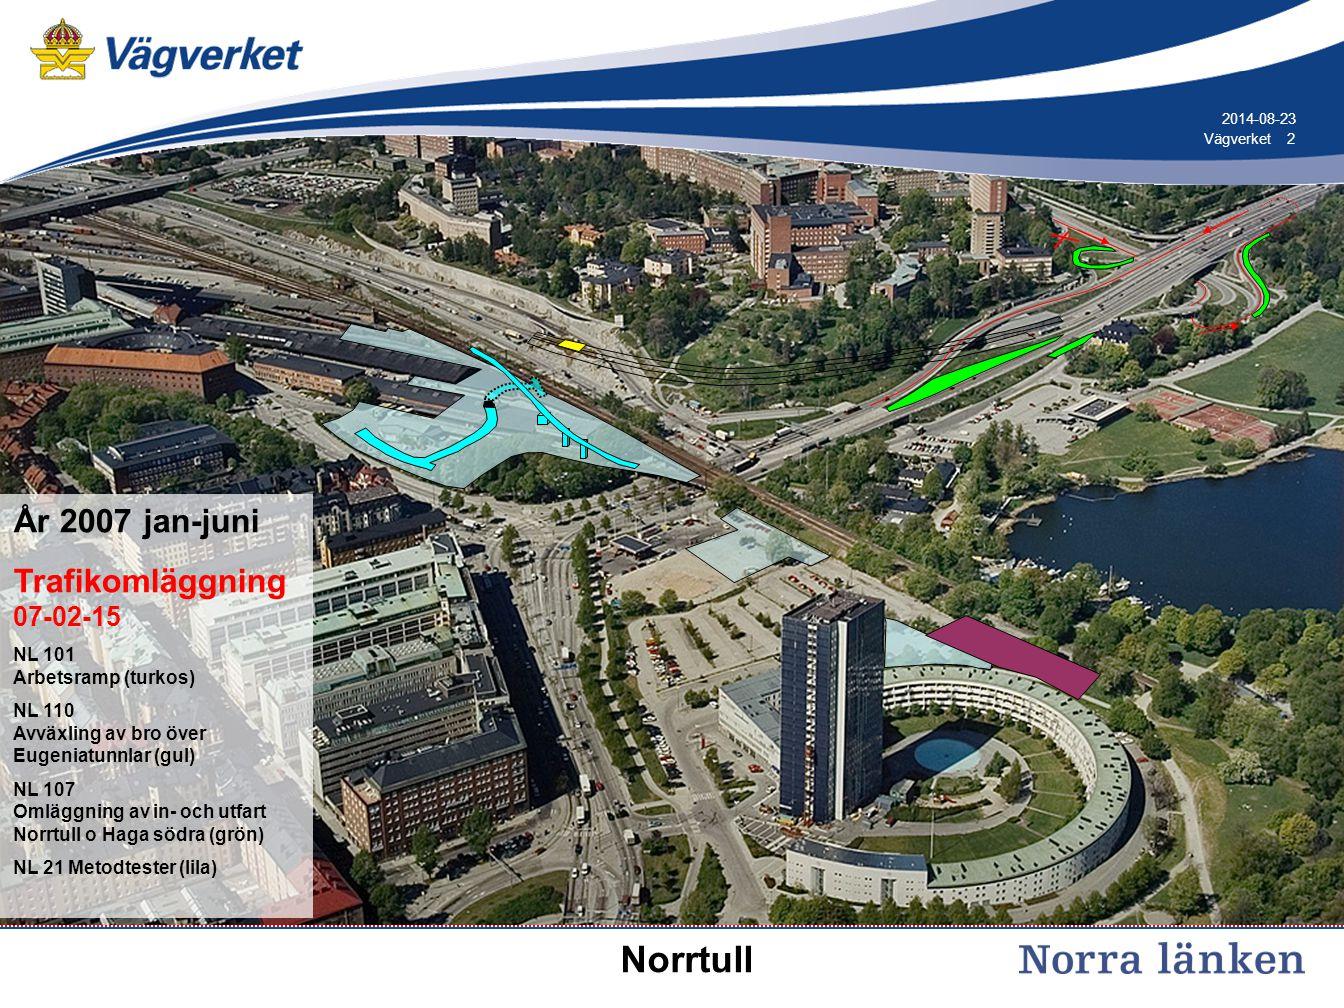 3 3Vägverket 2014-08-23 År 2007 juli Trafikomläggning Eugeniatunneln NL 101 Arbetsramp samt järn- vägsomläggning (turkos) NL NL110 Bro m m i Eugeniatunnel.